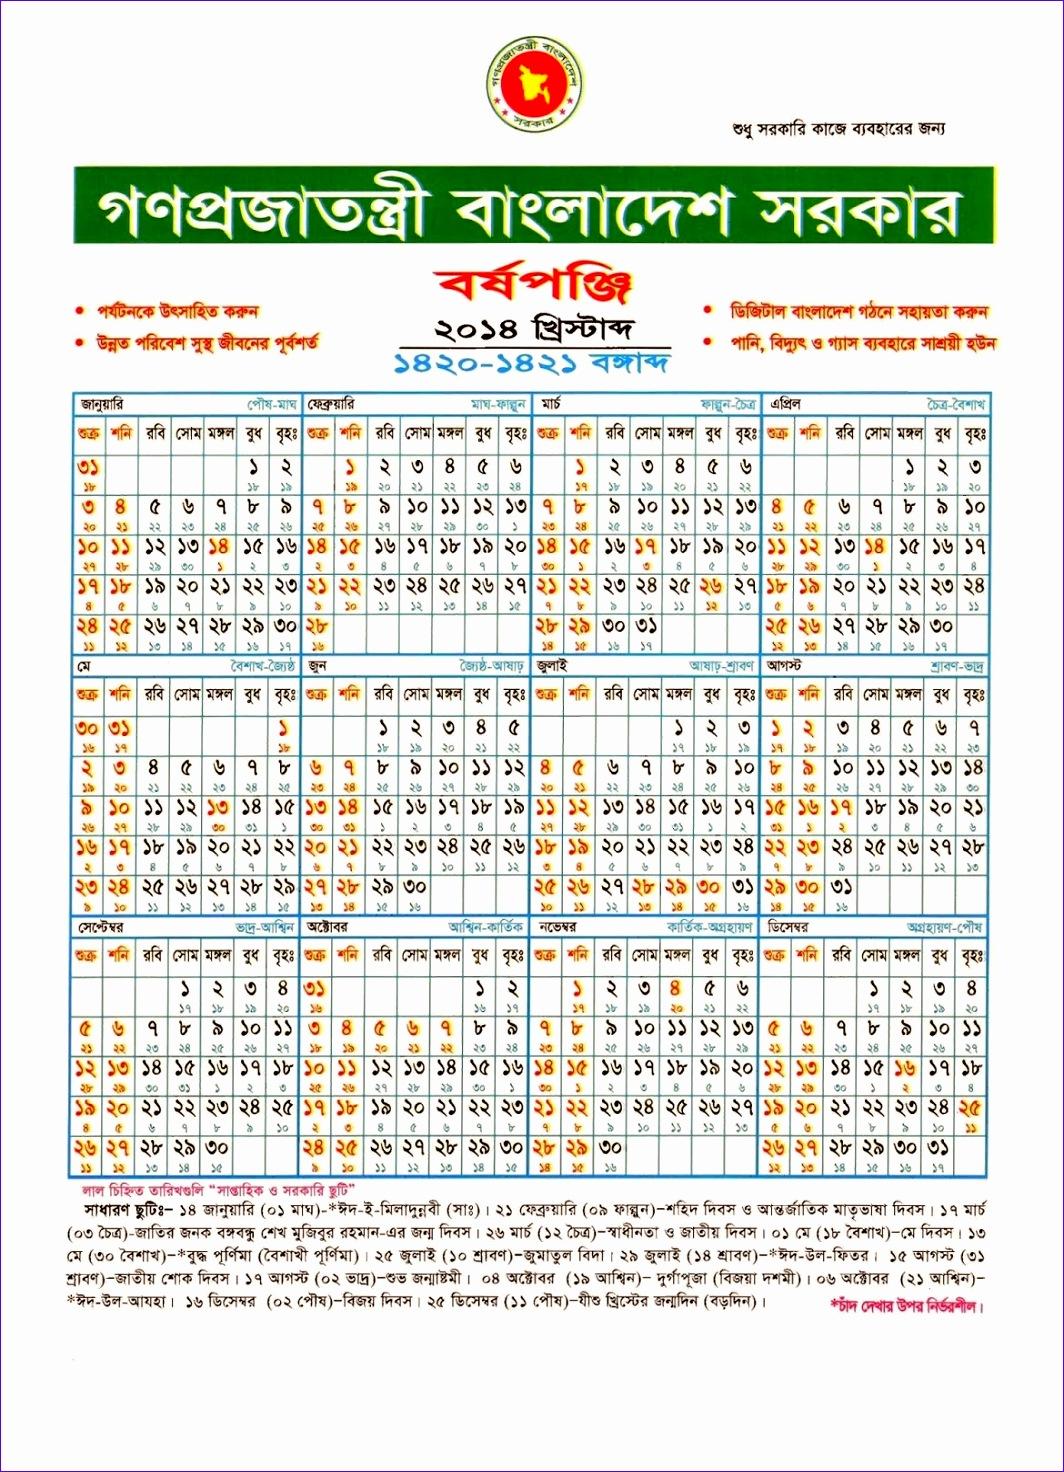 2014 calendar bangladesh bd govt calendar 2014 bangla 1420 1421 10641472